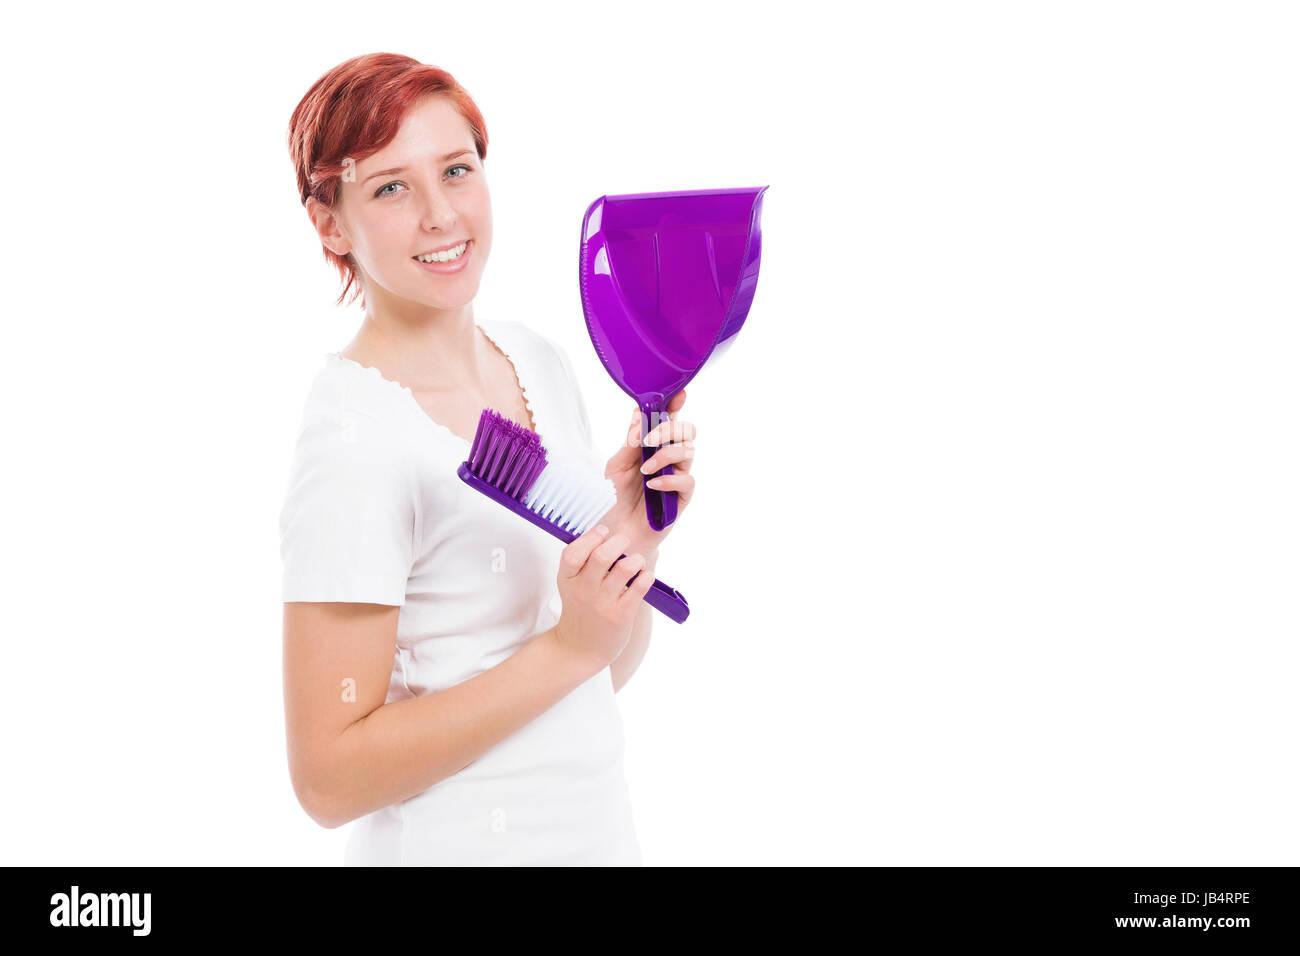 glückliche junge frau mit besen und schaufel vor weißem hintergrund - Stock Image